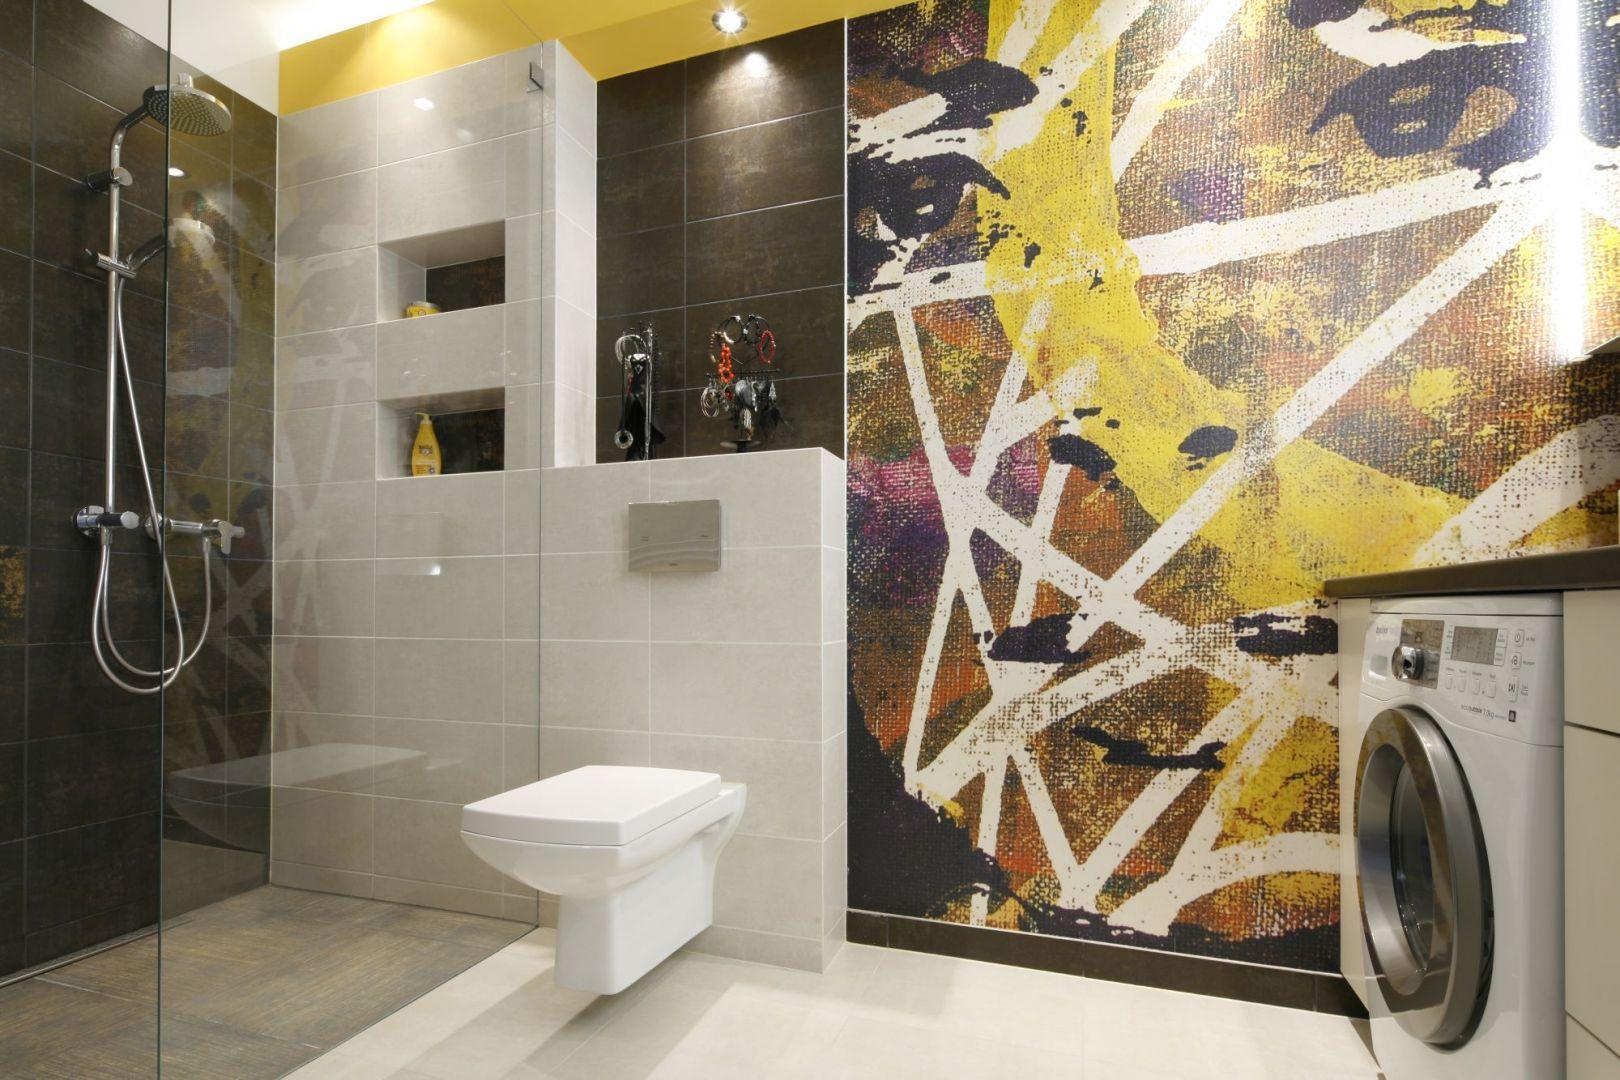 Za sprawą fototapety łazienka stała się bardzo wyrazista. Dla złagodzenia efektu we wnętrzu zastosowano jasną kolorystykę ppłytek, mebli oraz dużo szkła. Projekt: Monika Olejnik. Fot. Bartosz Jarosz